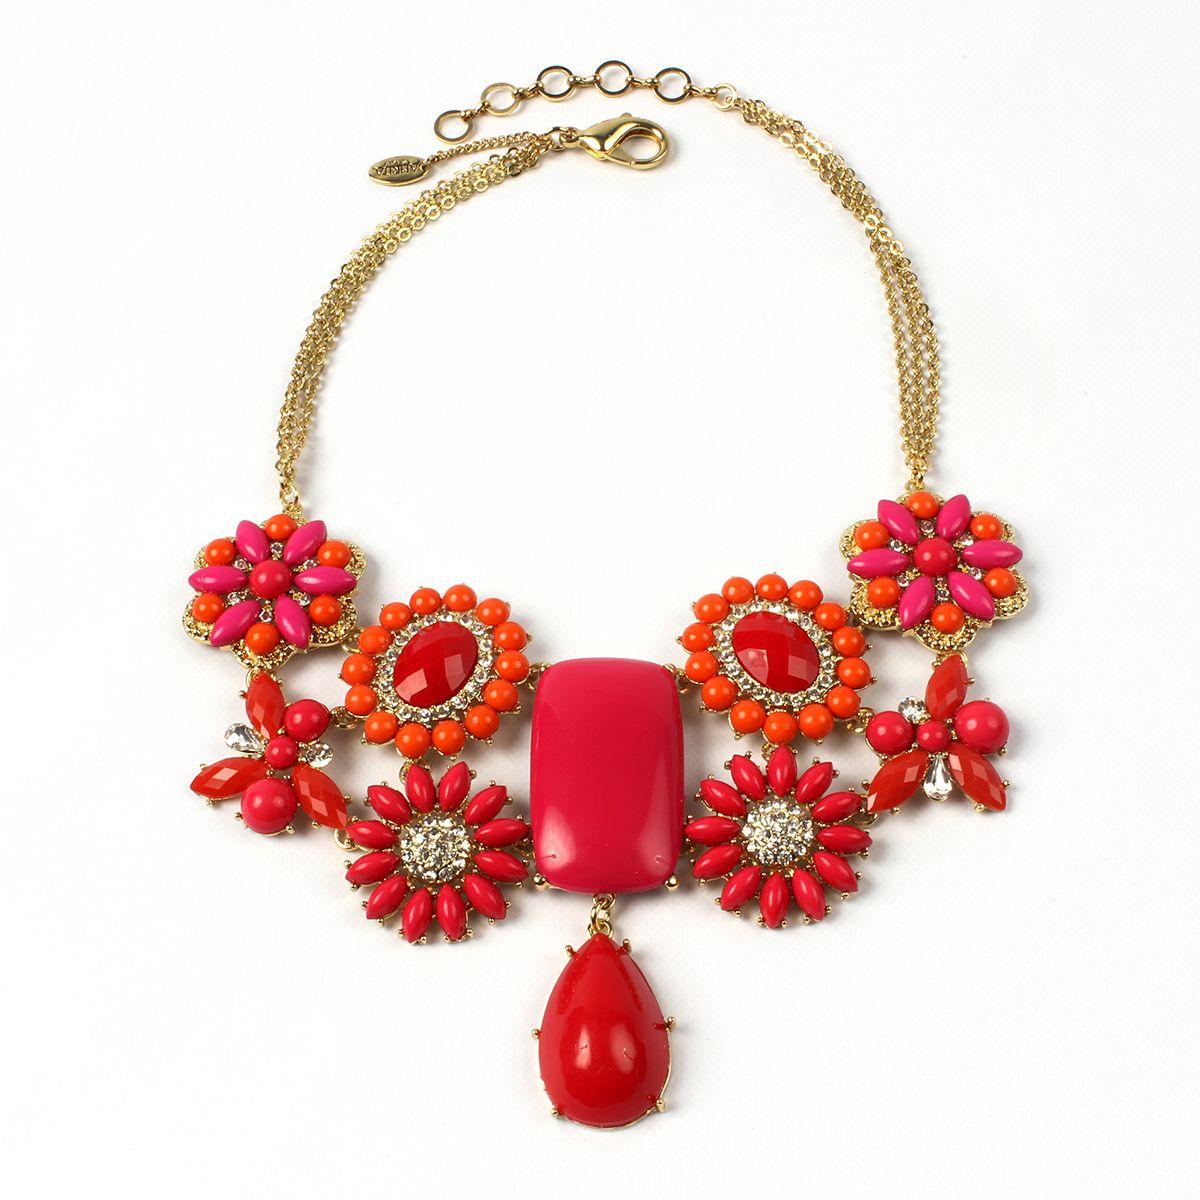 Verve Necklace